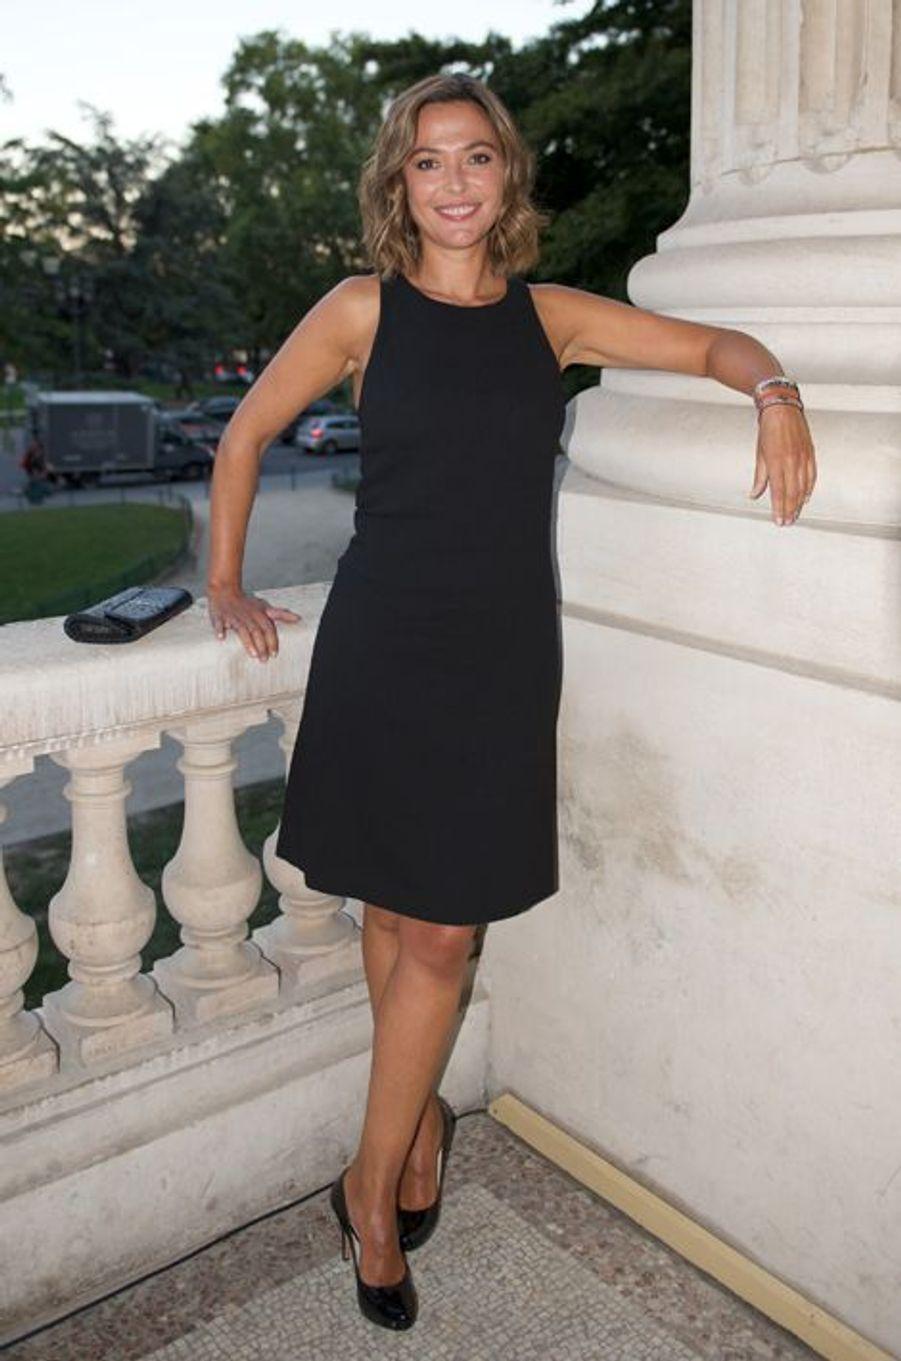 Sandrine Quétier au Gala des 150 ans de la Croix-Rouge à Paris le 12 septembre 2014.